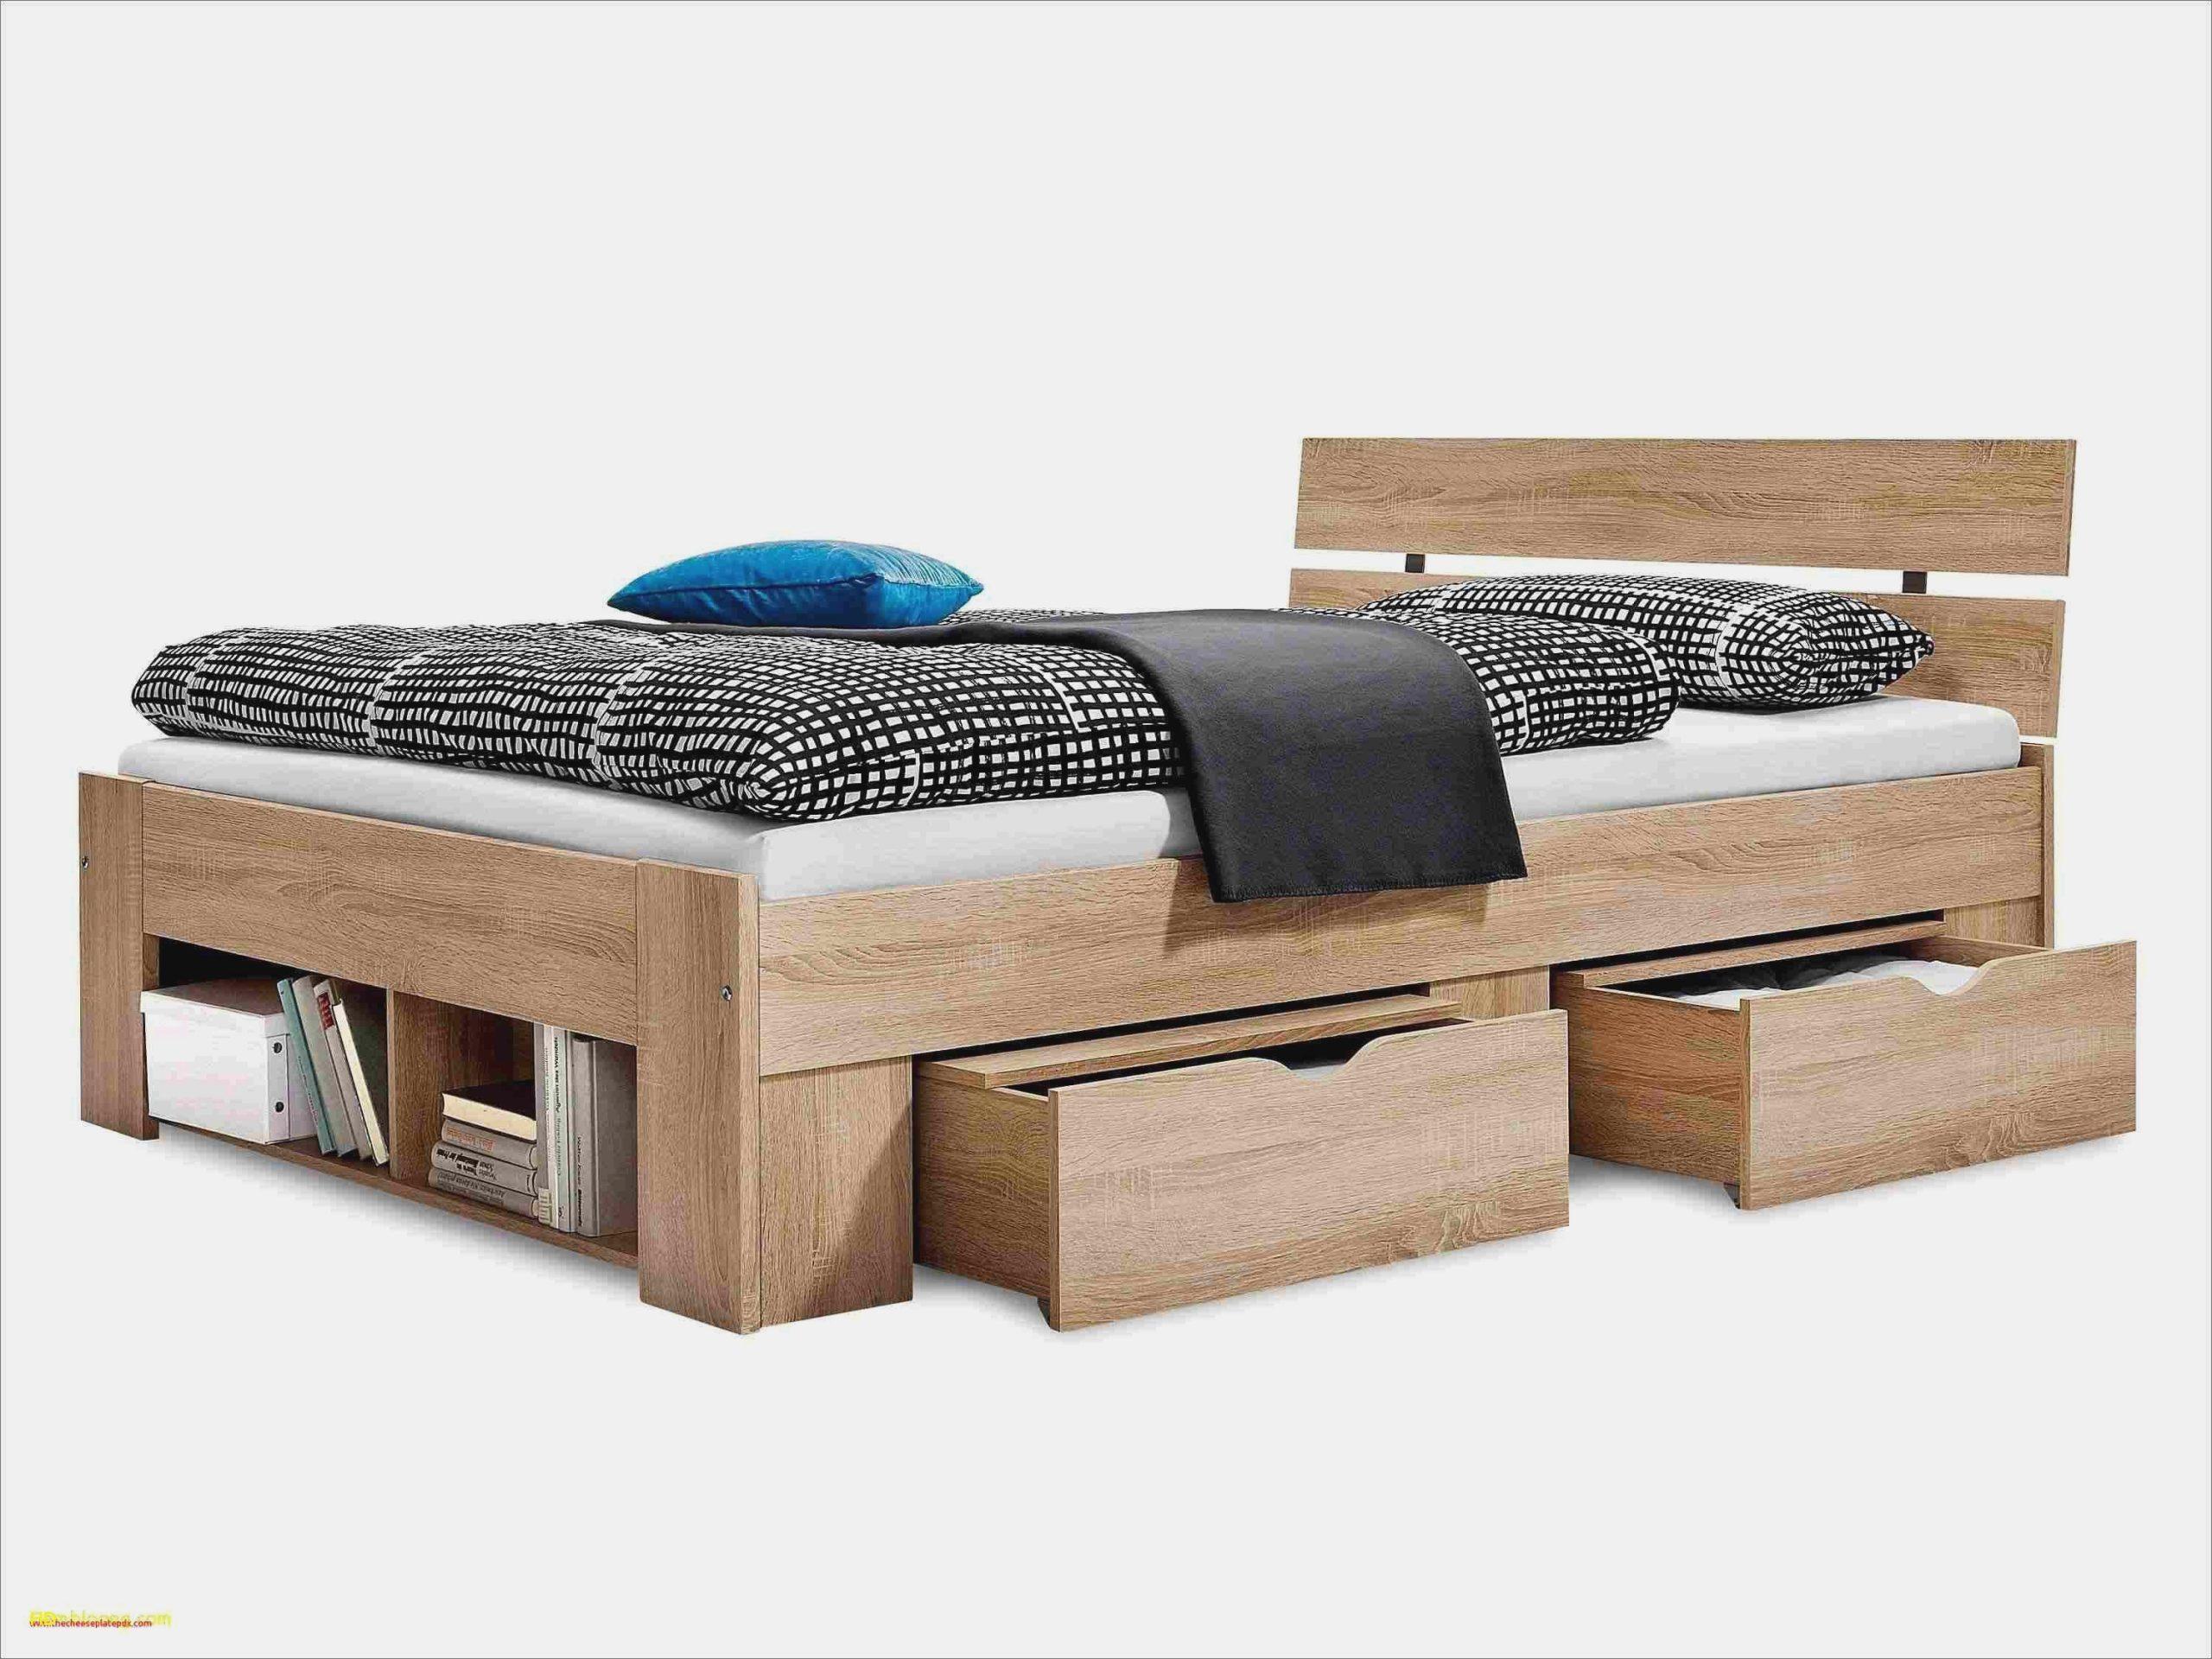 Full Size of Mbel Boss Aachen 20 Luxury Betten Interior Design Rauch 180x200 120x200 Ruf Preise Kaufen 140x200 Jabo Französische Günstige Amazon 100x200 Musterring Bett Möbel Boss Betten